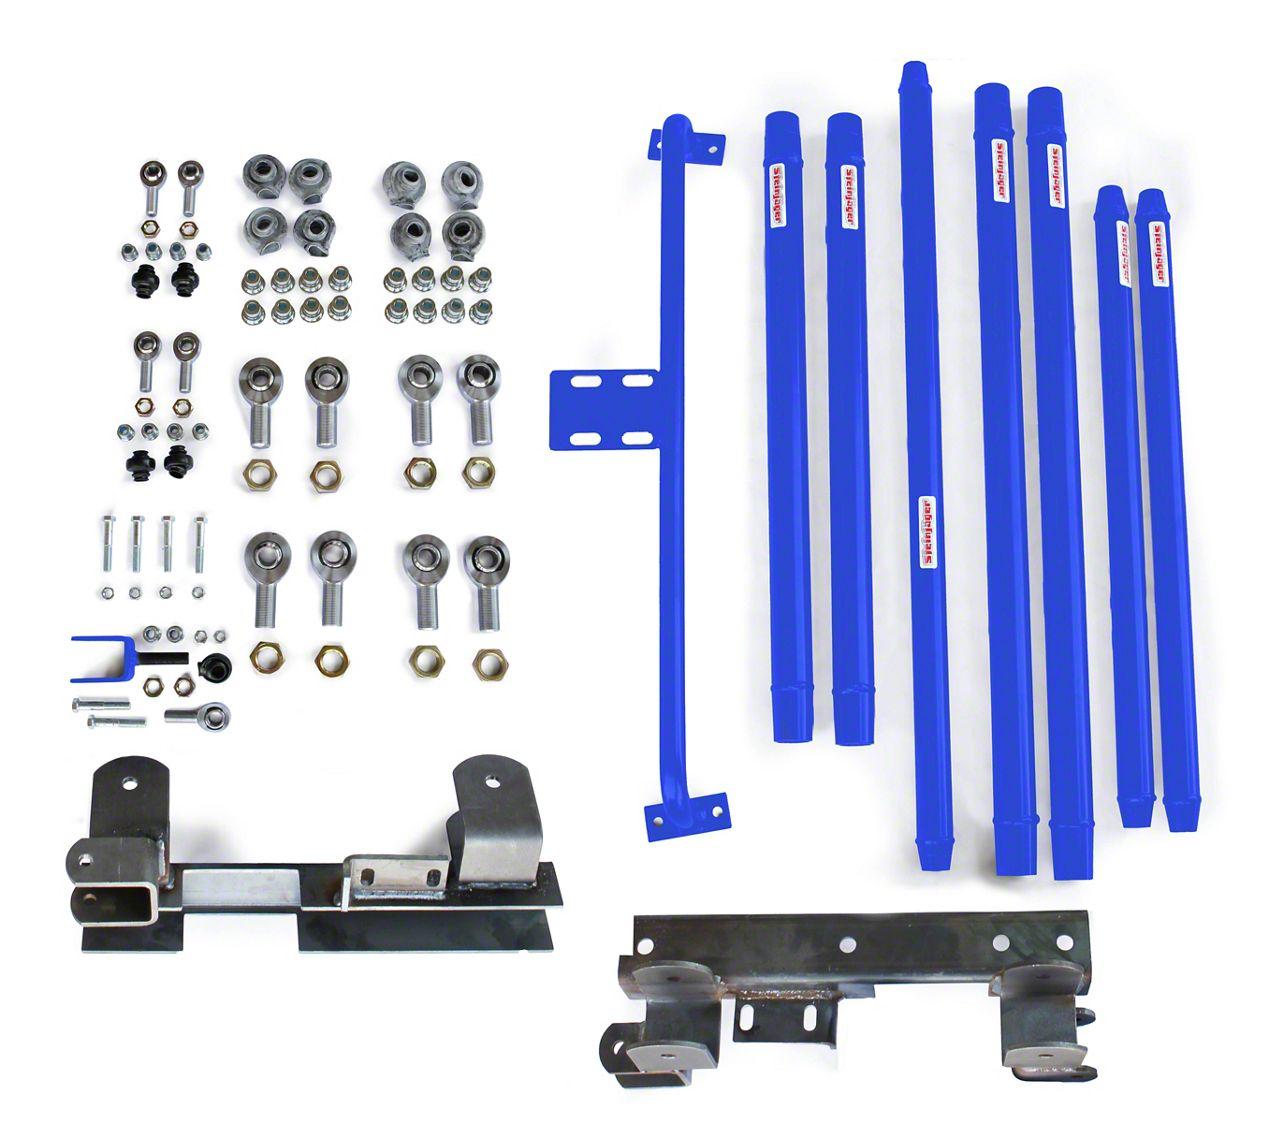 Steinjager Chrome Moly Tube Long Arm Tavel Kit for 2-6 in. Lift - Southwest Blue (97-06 Jeep Wrangler TJ)